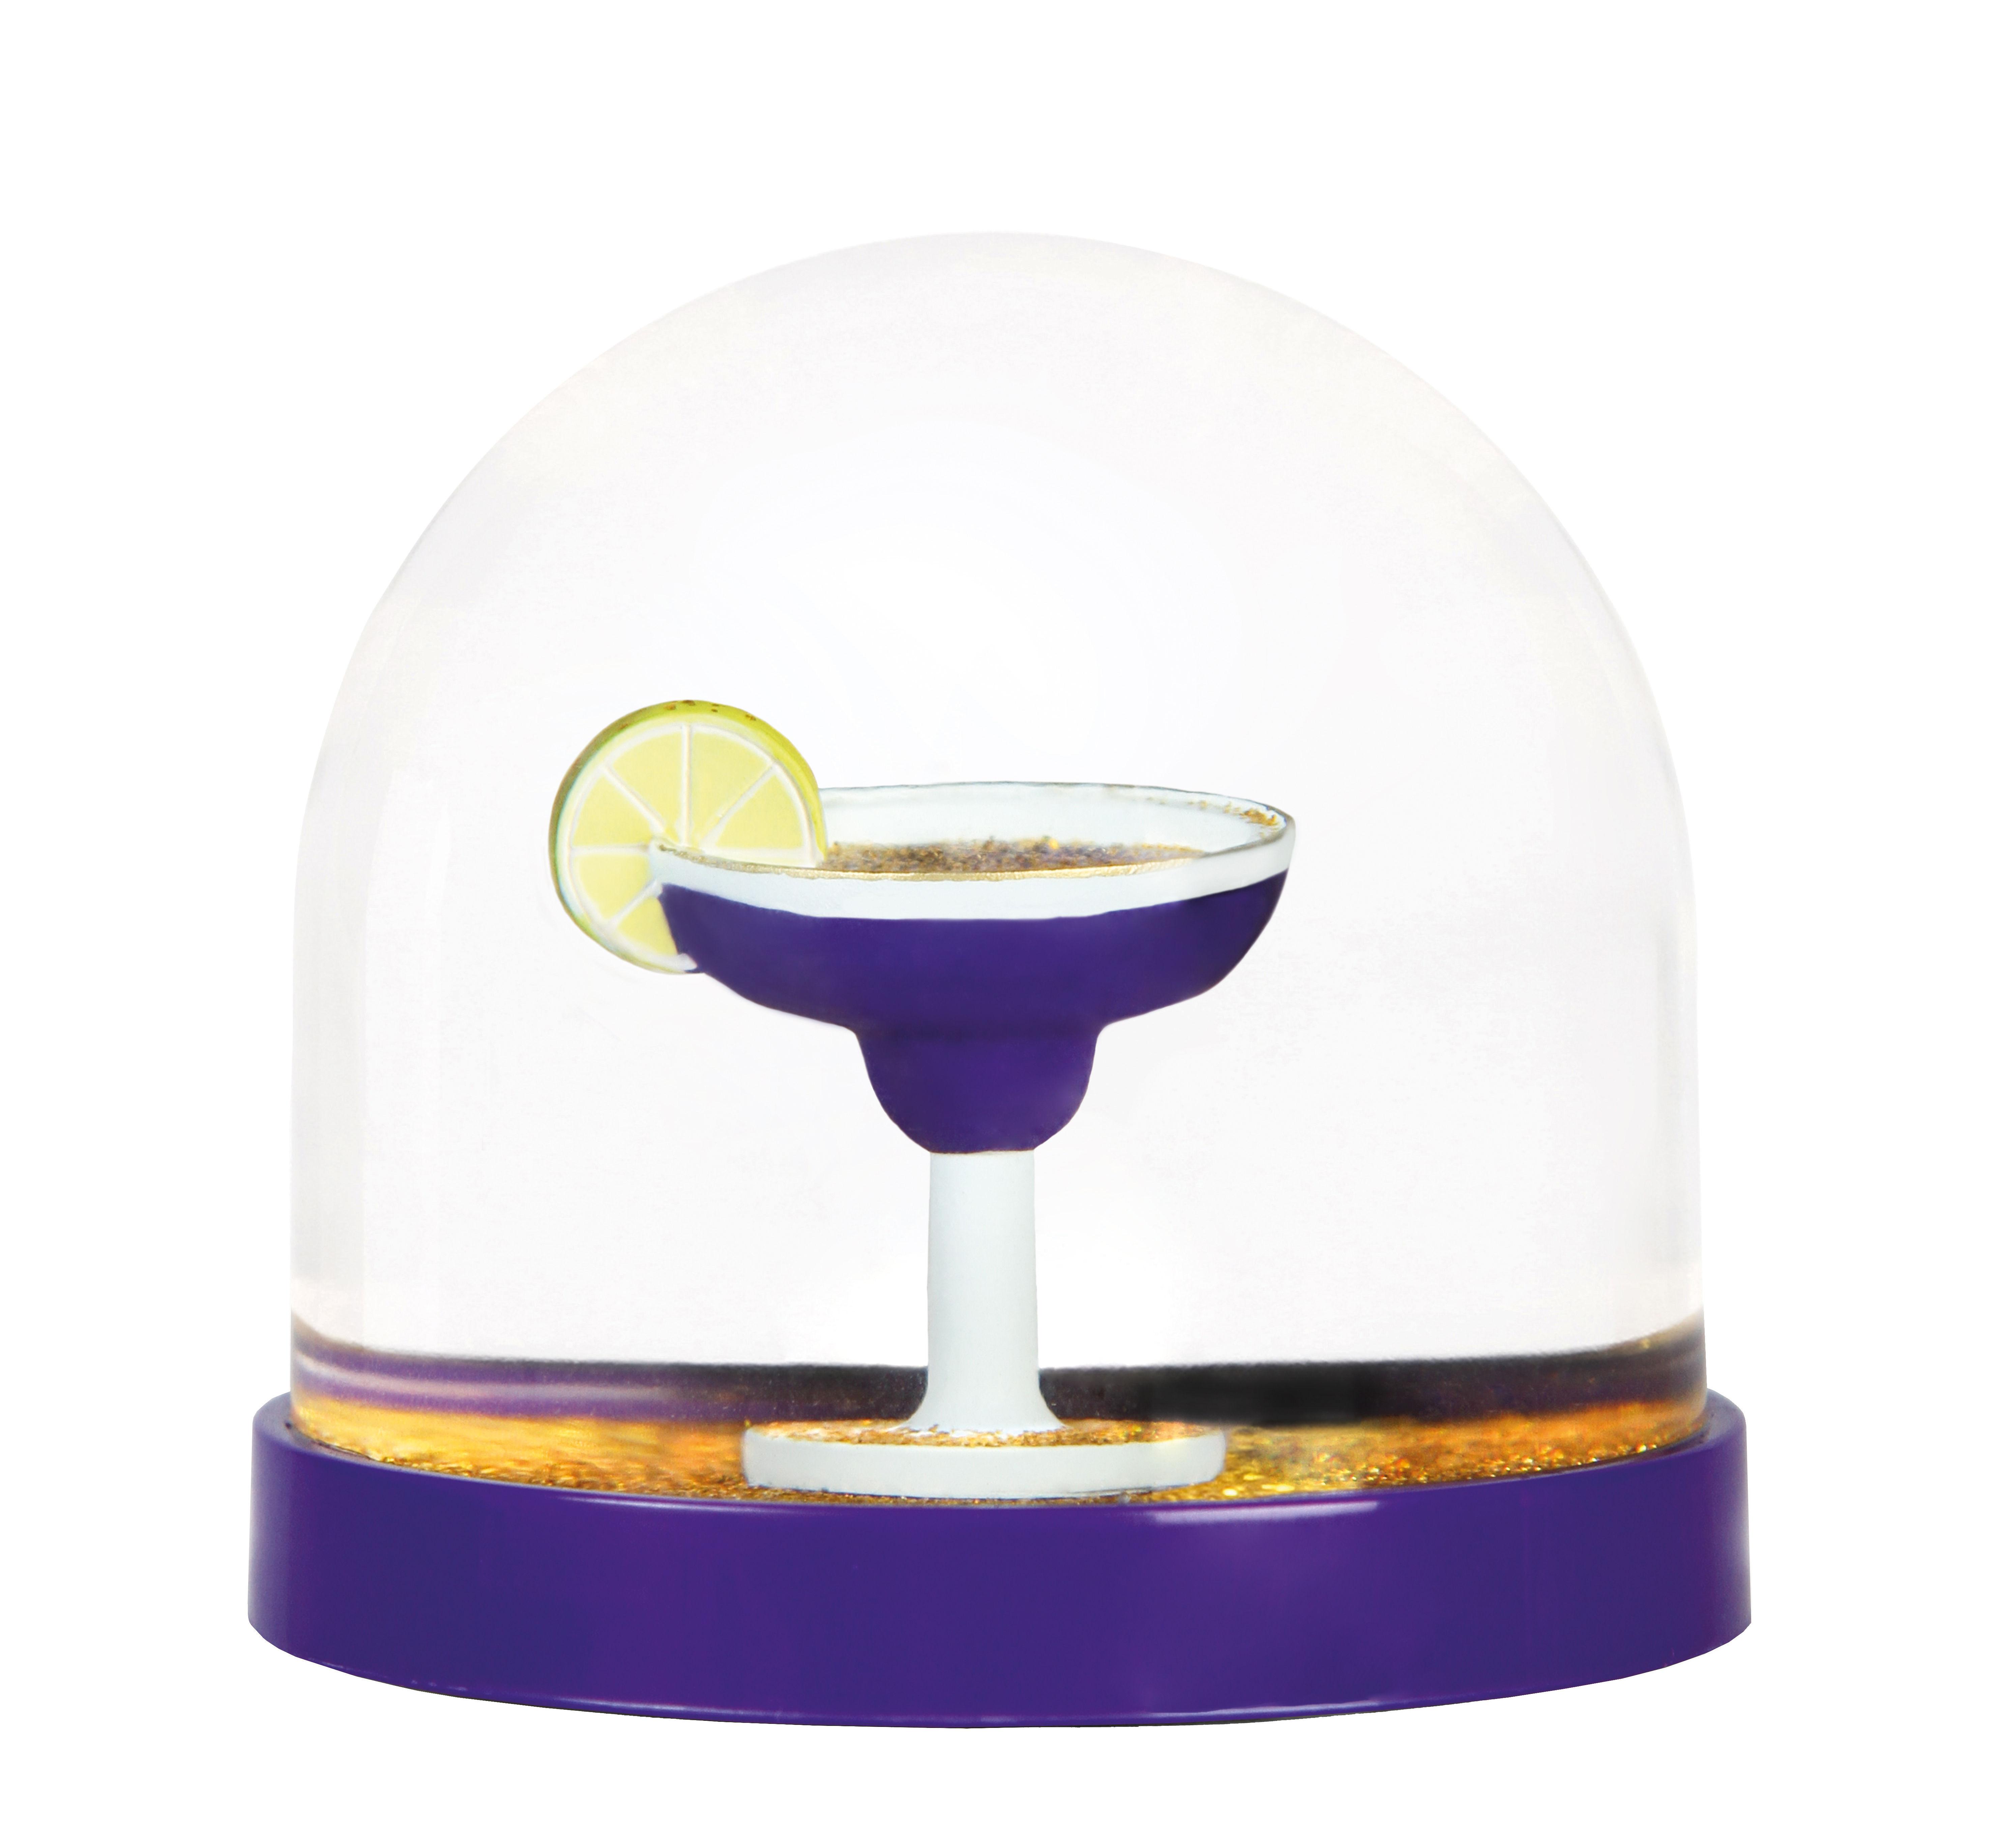 Déco - Pour les enfants - Boule à neige / Cocktail - & klevering - Cocktail - Huile minérale, Plastique